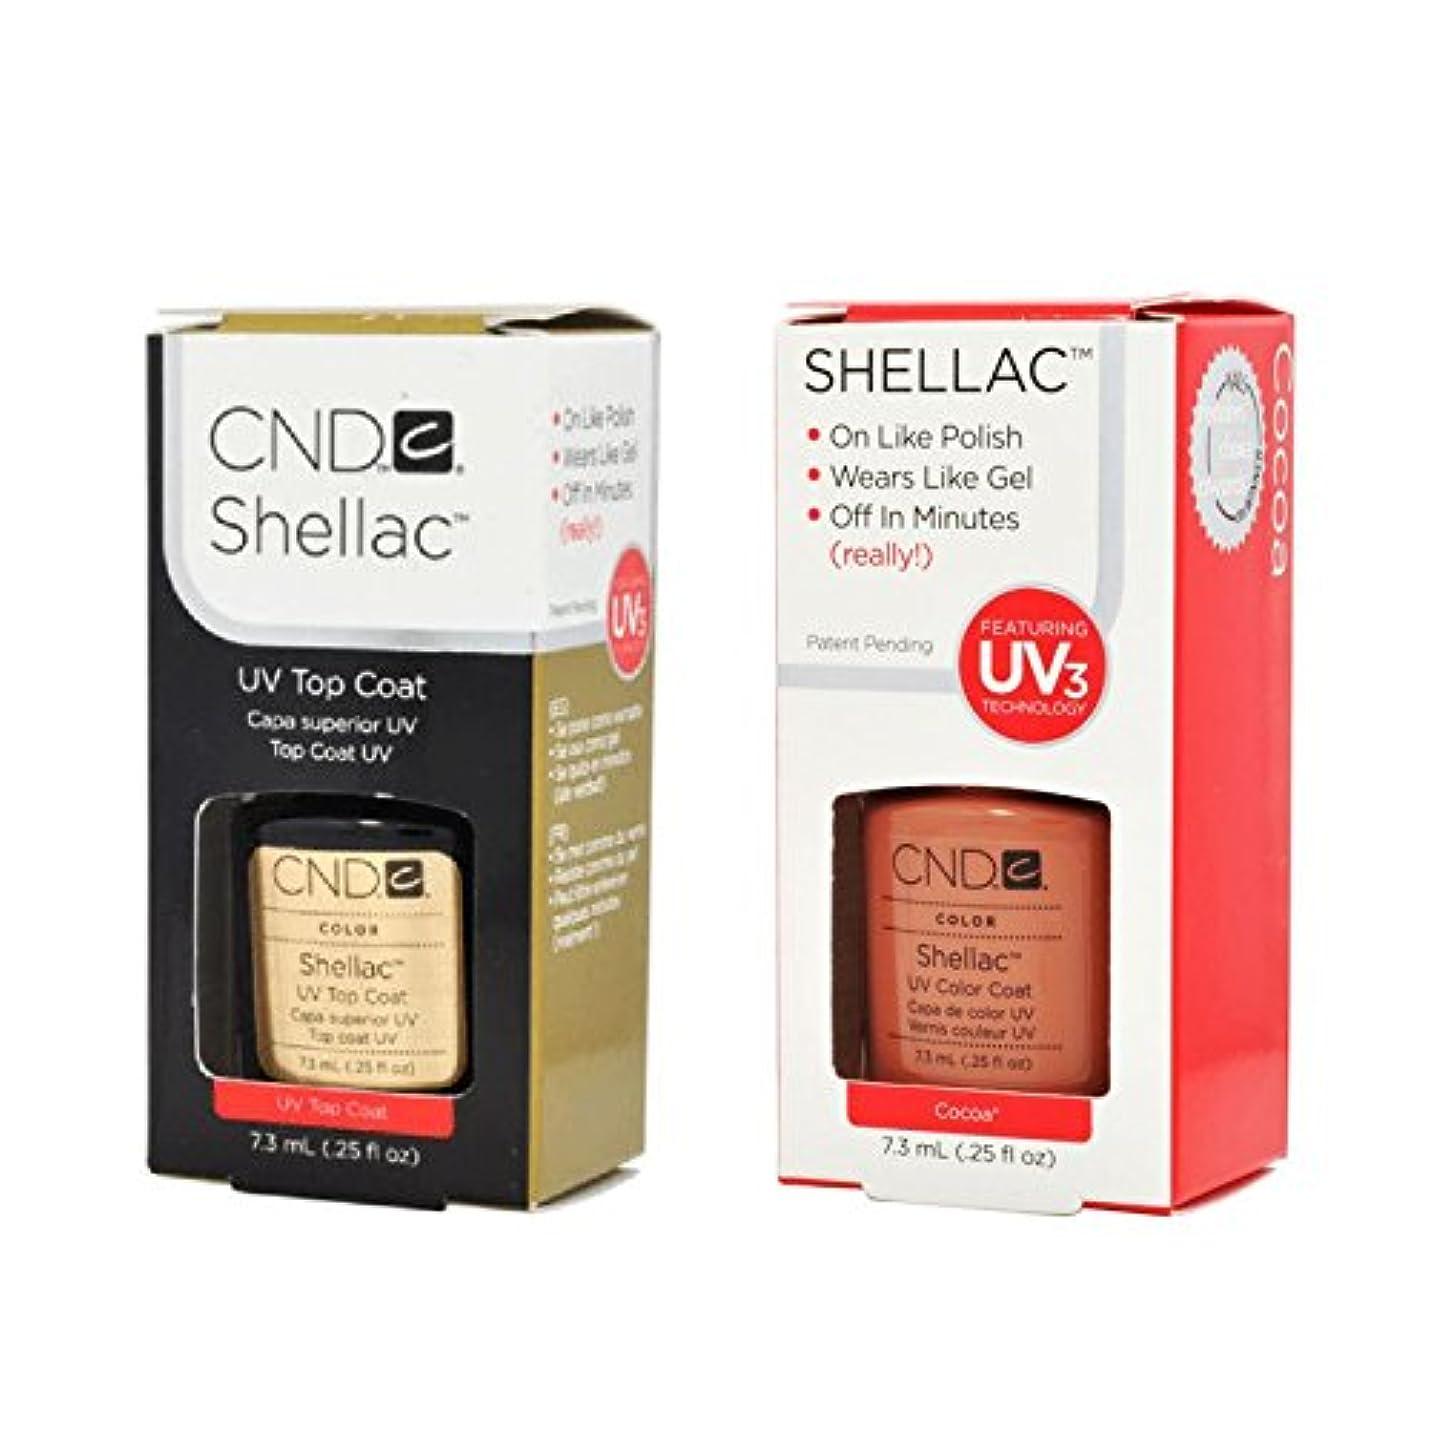 約束するジョリーバックアップCND Shellac UVトップコート 7.3m l  &  UV カラーコー< Cocoa > 7.3ml [海外直送品]